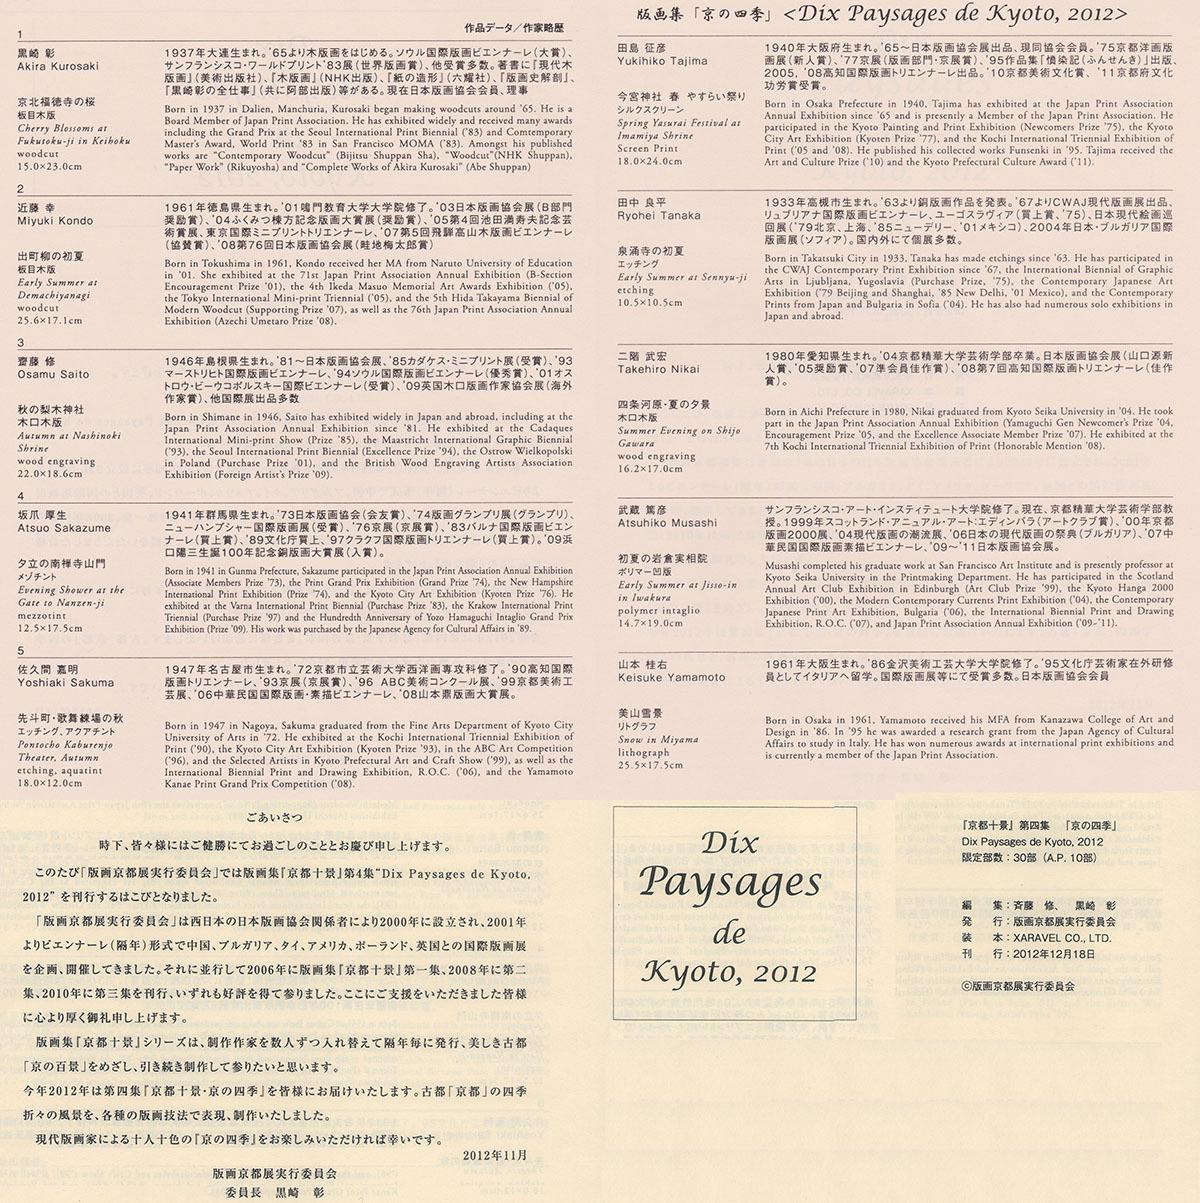 「京都十景」第4集(2012)ネット発売開始 残りわずか_b0182223_12480727.jpeg